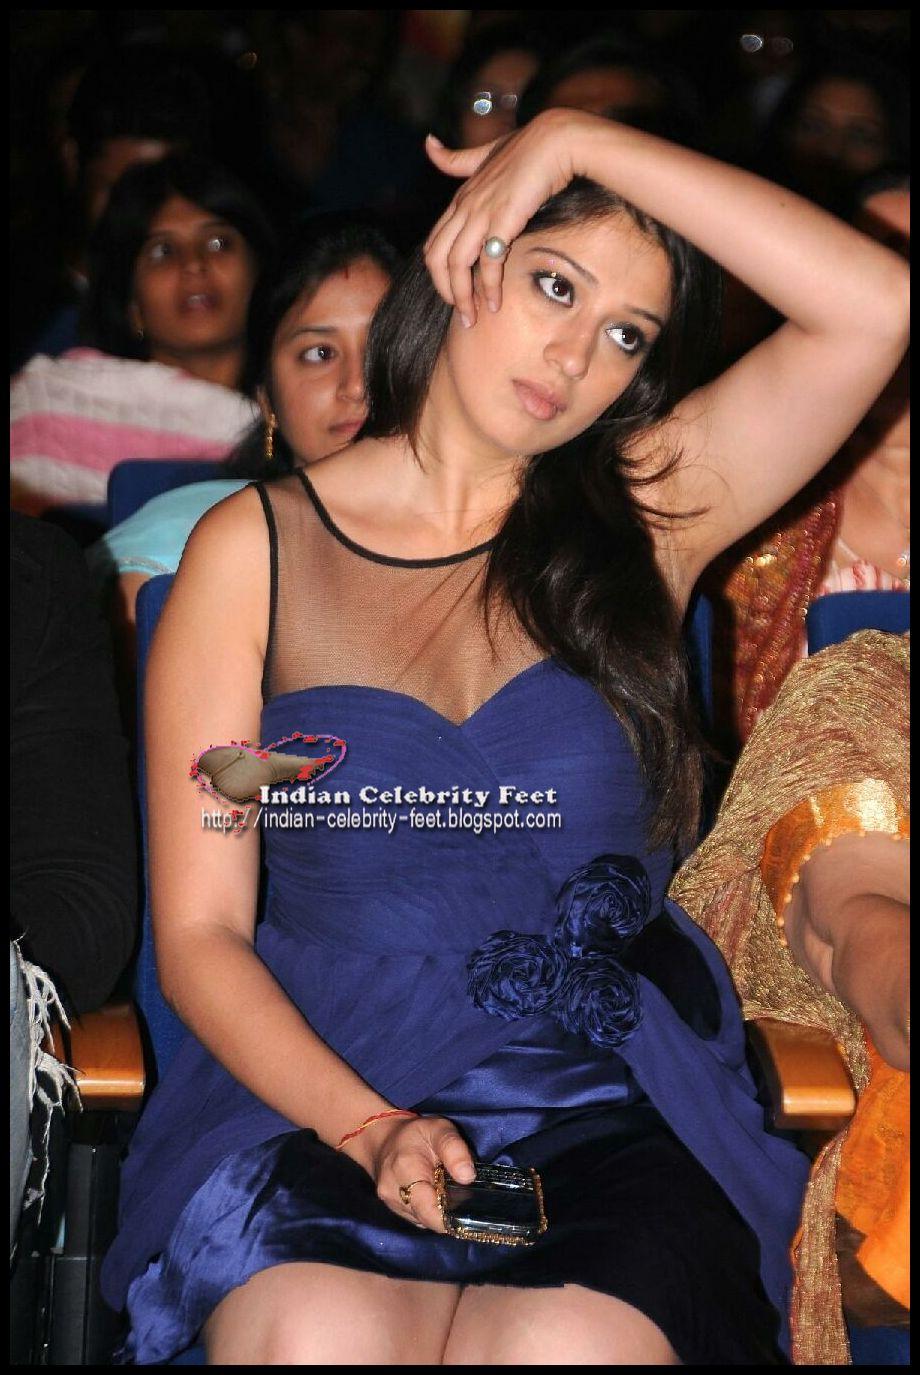 Miss south india 2007 pooja umashankar sada - 1 3